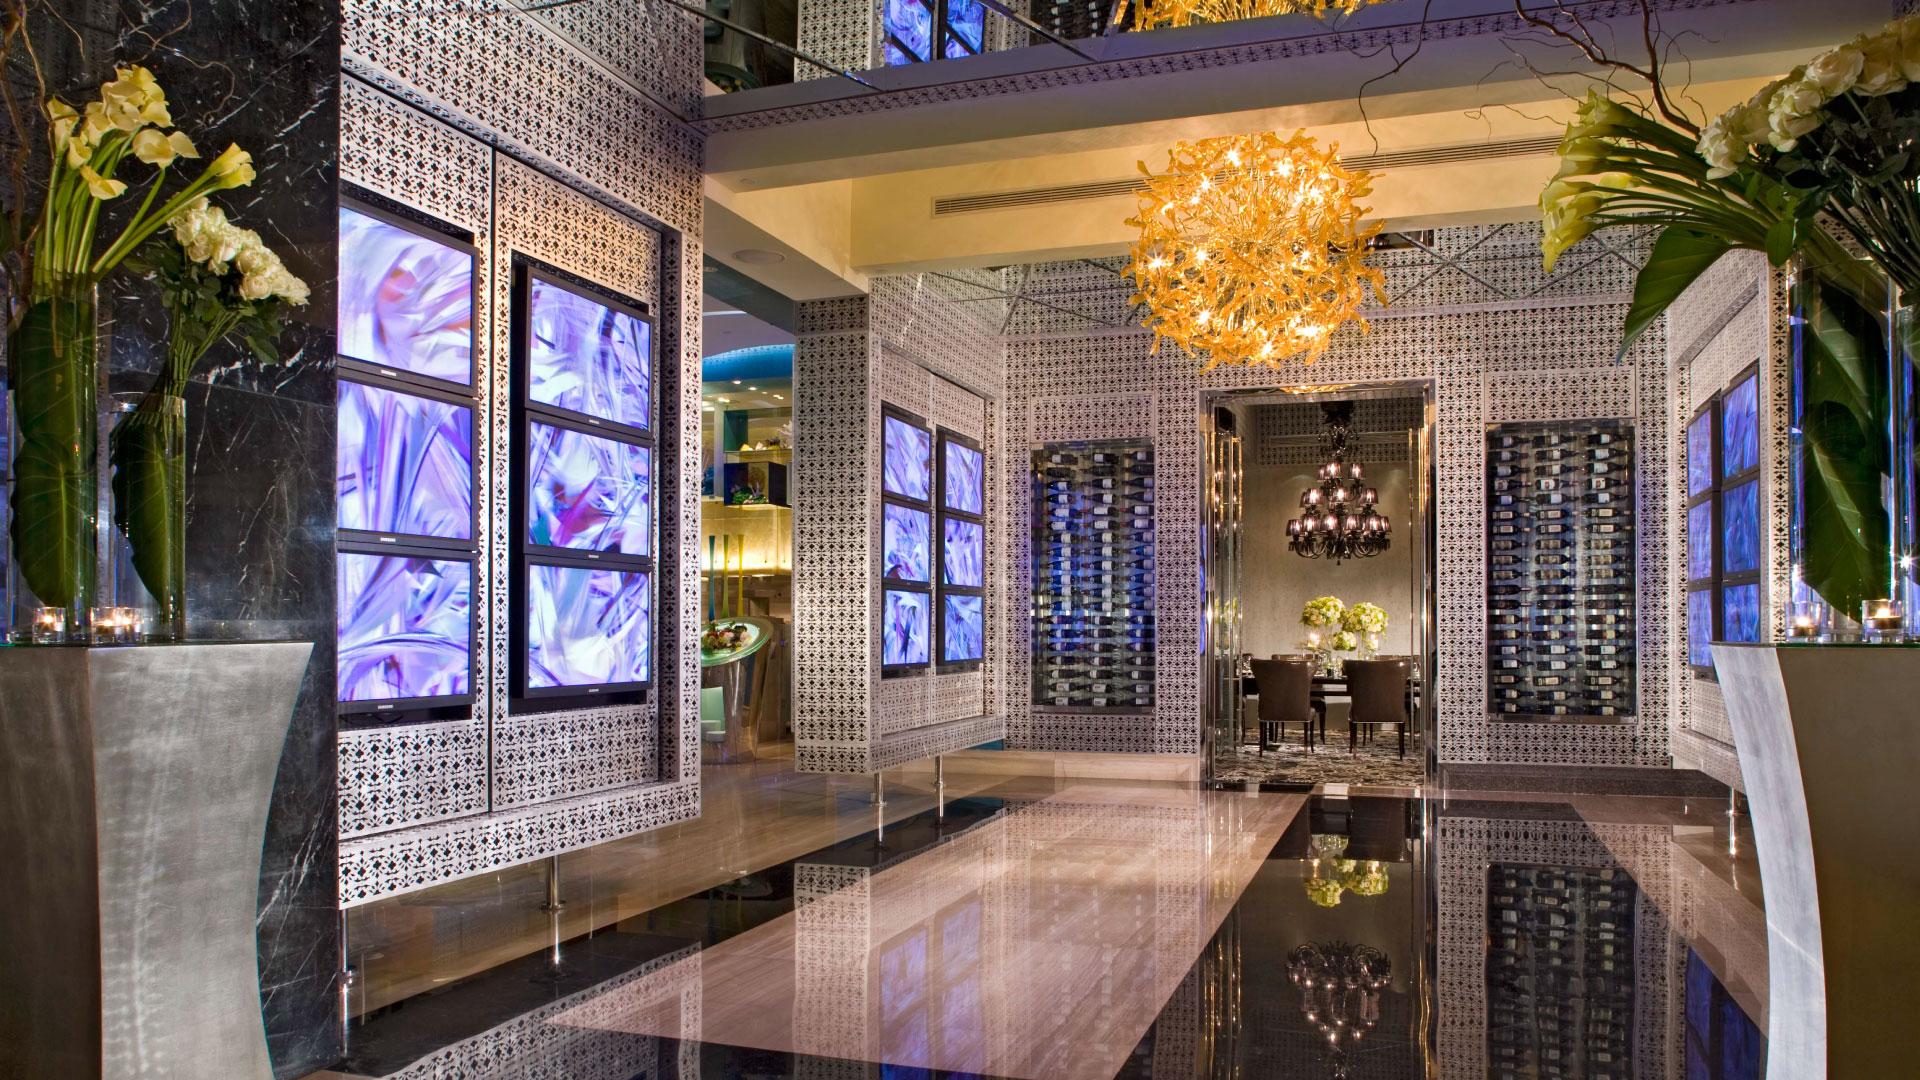 thecafe_hotel_mulia_jakarta_53.jpg